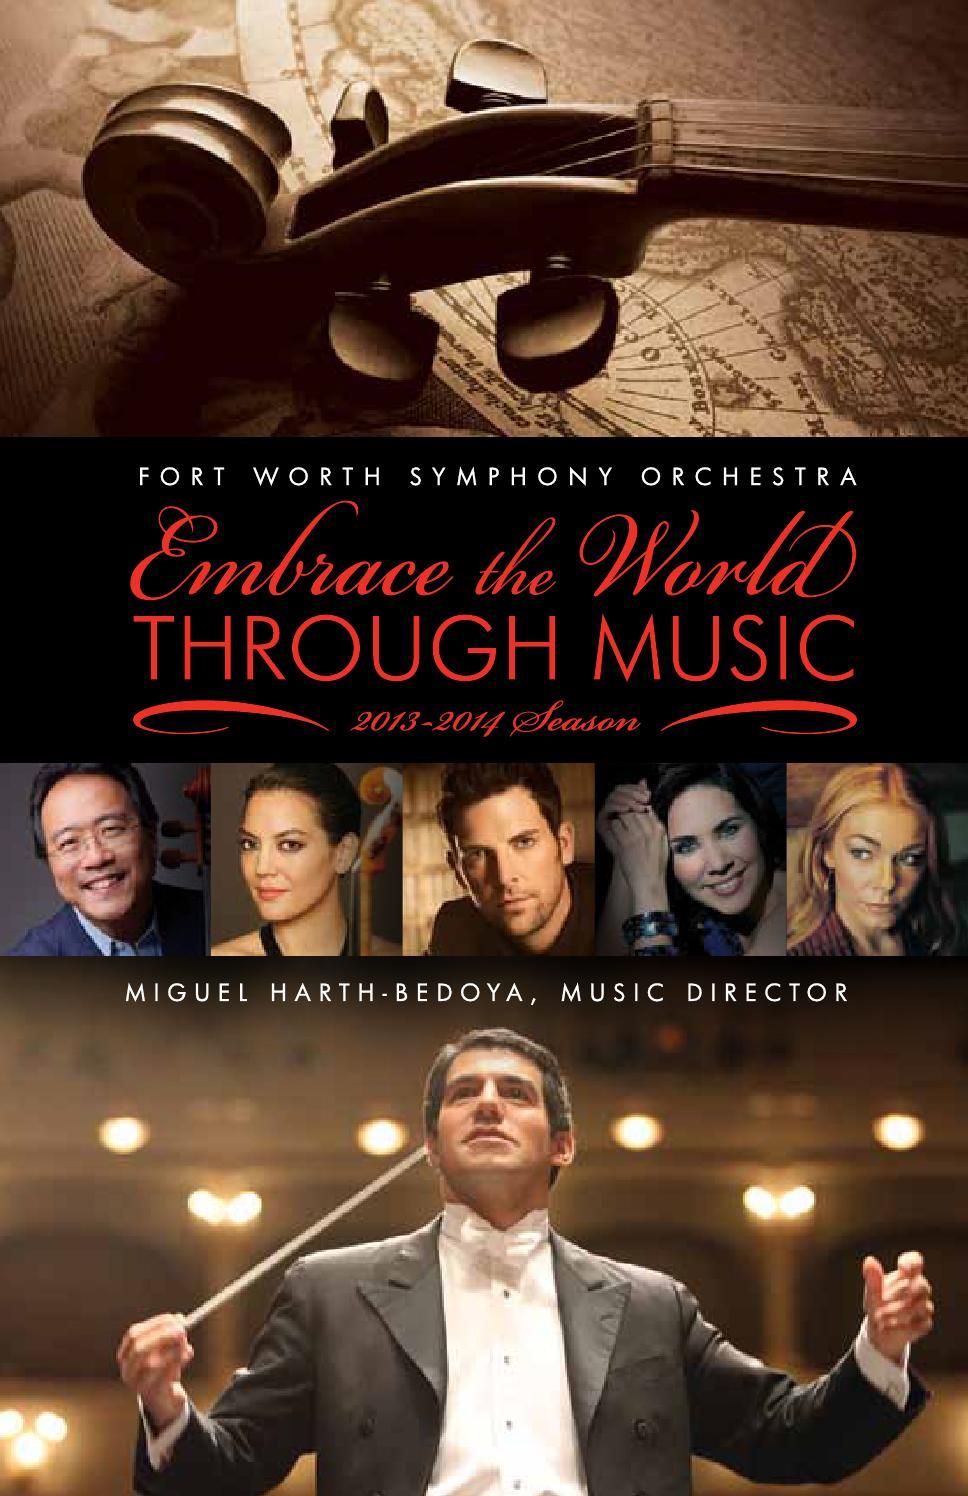 Fwso 2013 2014 Season Brochure By Fort Worth Symphony Orchestra Issuu